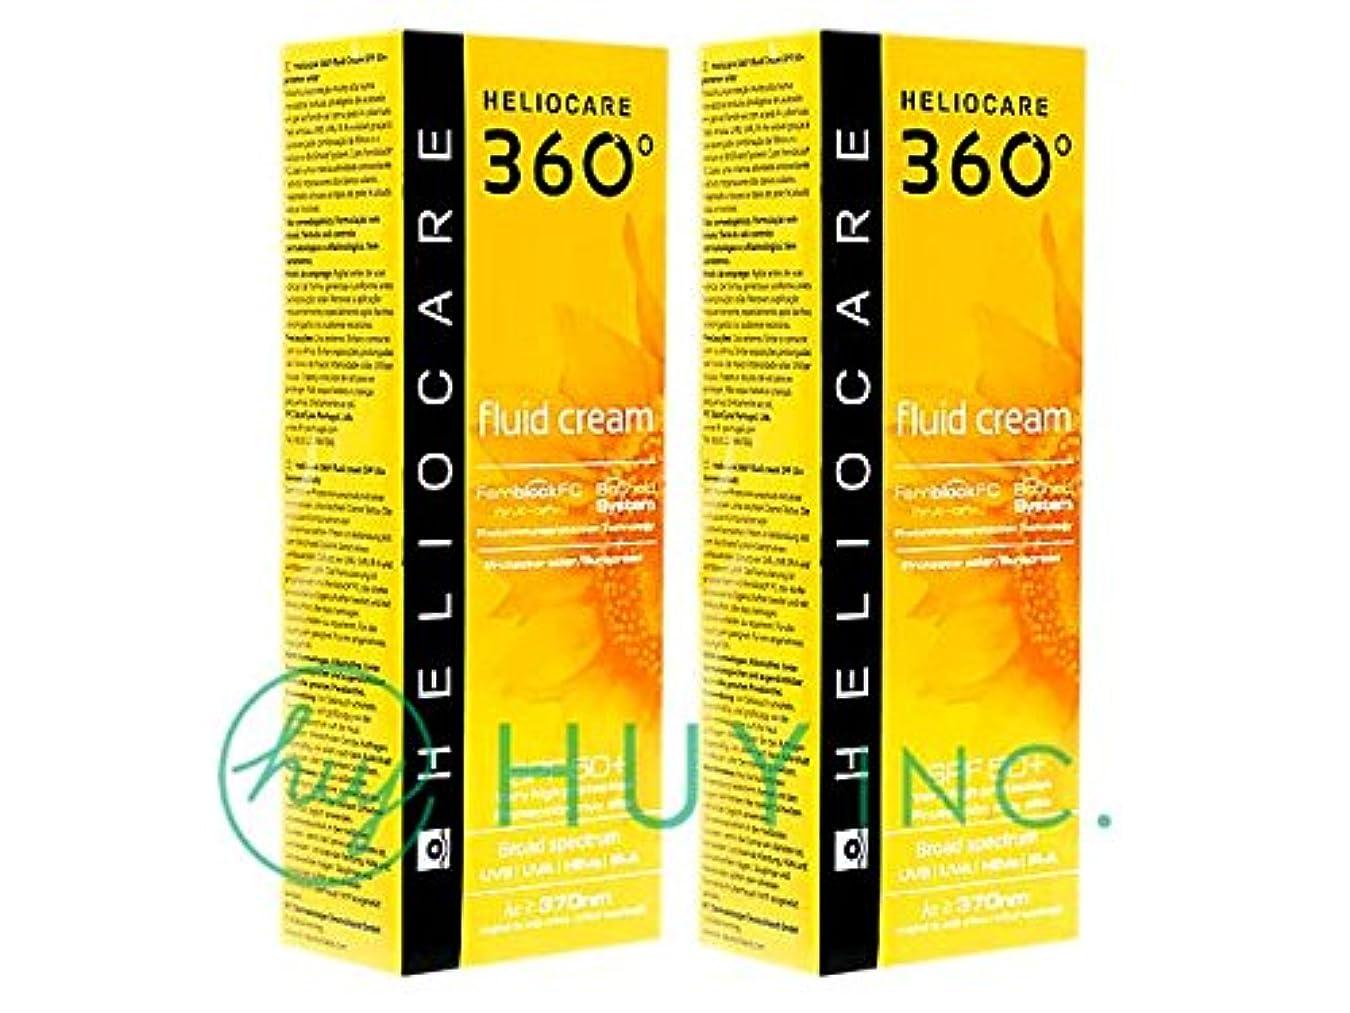 保全ロースト派手ヘリオケア 360°フルイドクリーム(Heliocare360FluidCream)SPF50+ 2ボトル(50ml×2) [並行輸入品]